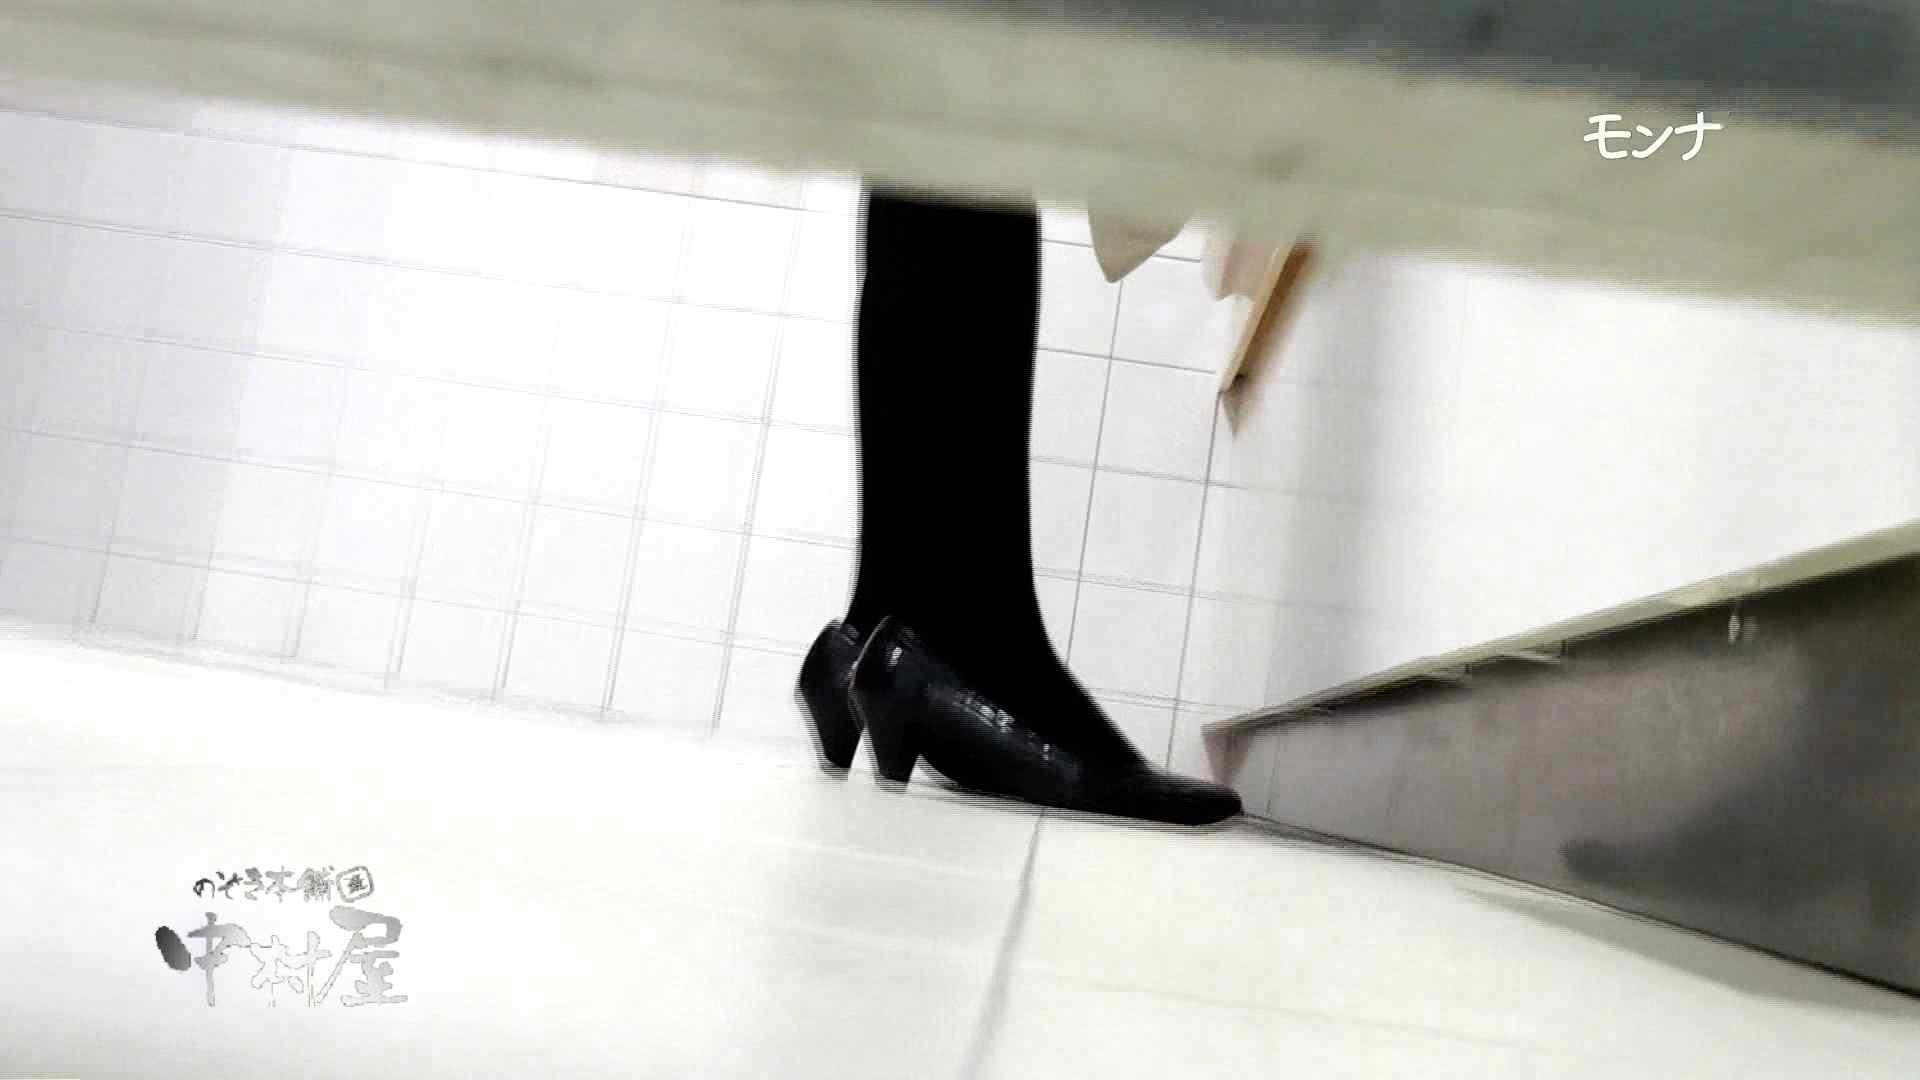 【美しい日本の未来】新学期!!下半身中心に攻めてます美女可愛い女子悪戯盗satuトイレ後編 悪戯 | 下半身  97pic 16